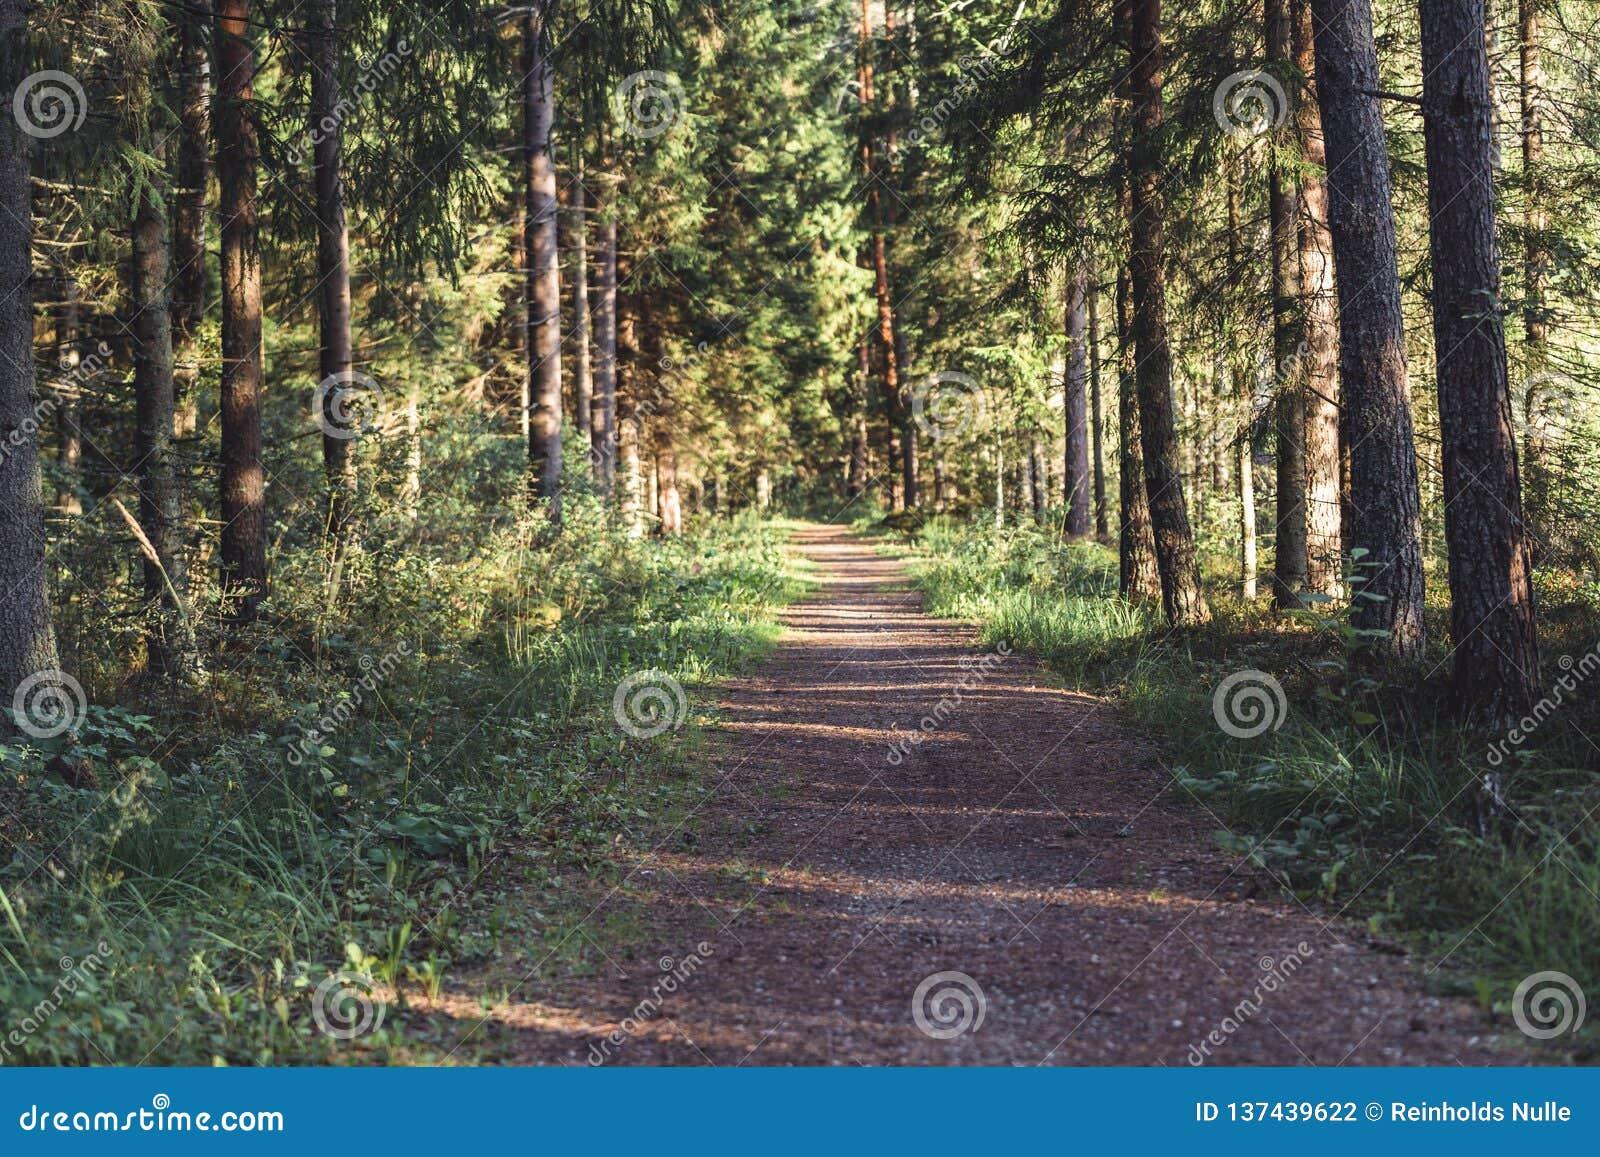 Η άποψη του δασικού δρόμου, τίτλος βαθύτερος στα ξύλα την ηλιόλουστη θερινή ημέρα, θόλωσε εν μέρει την εικόνα με ελεύθερου χώρου